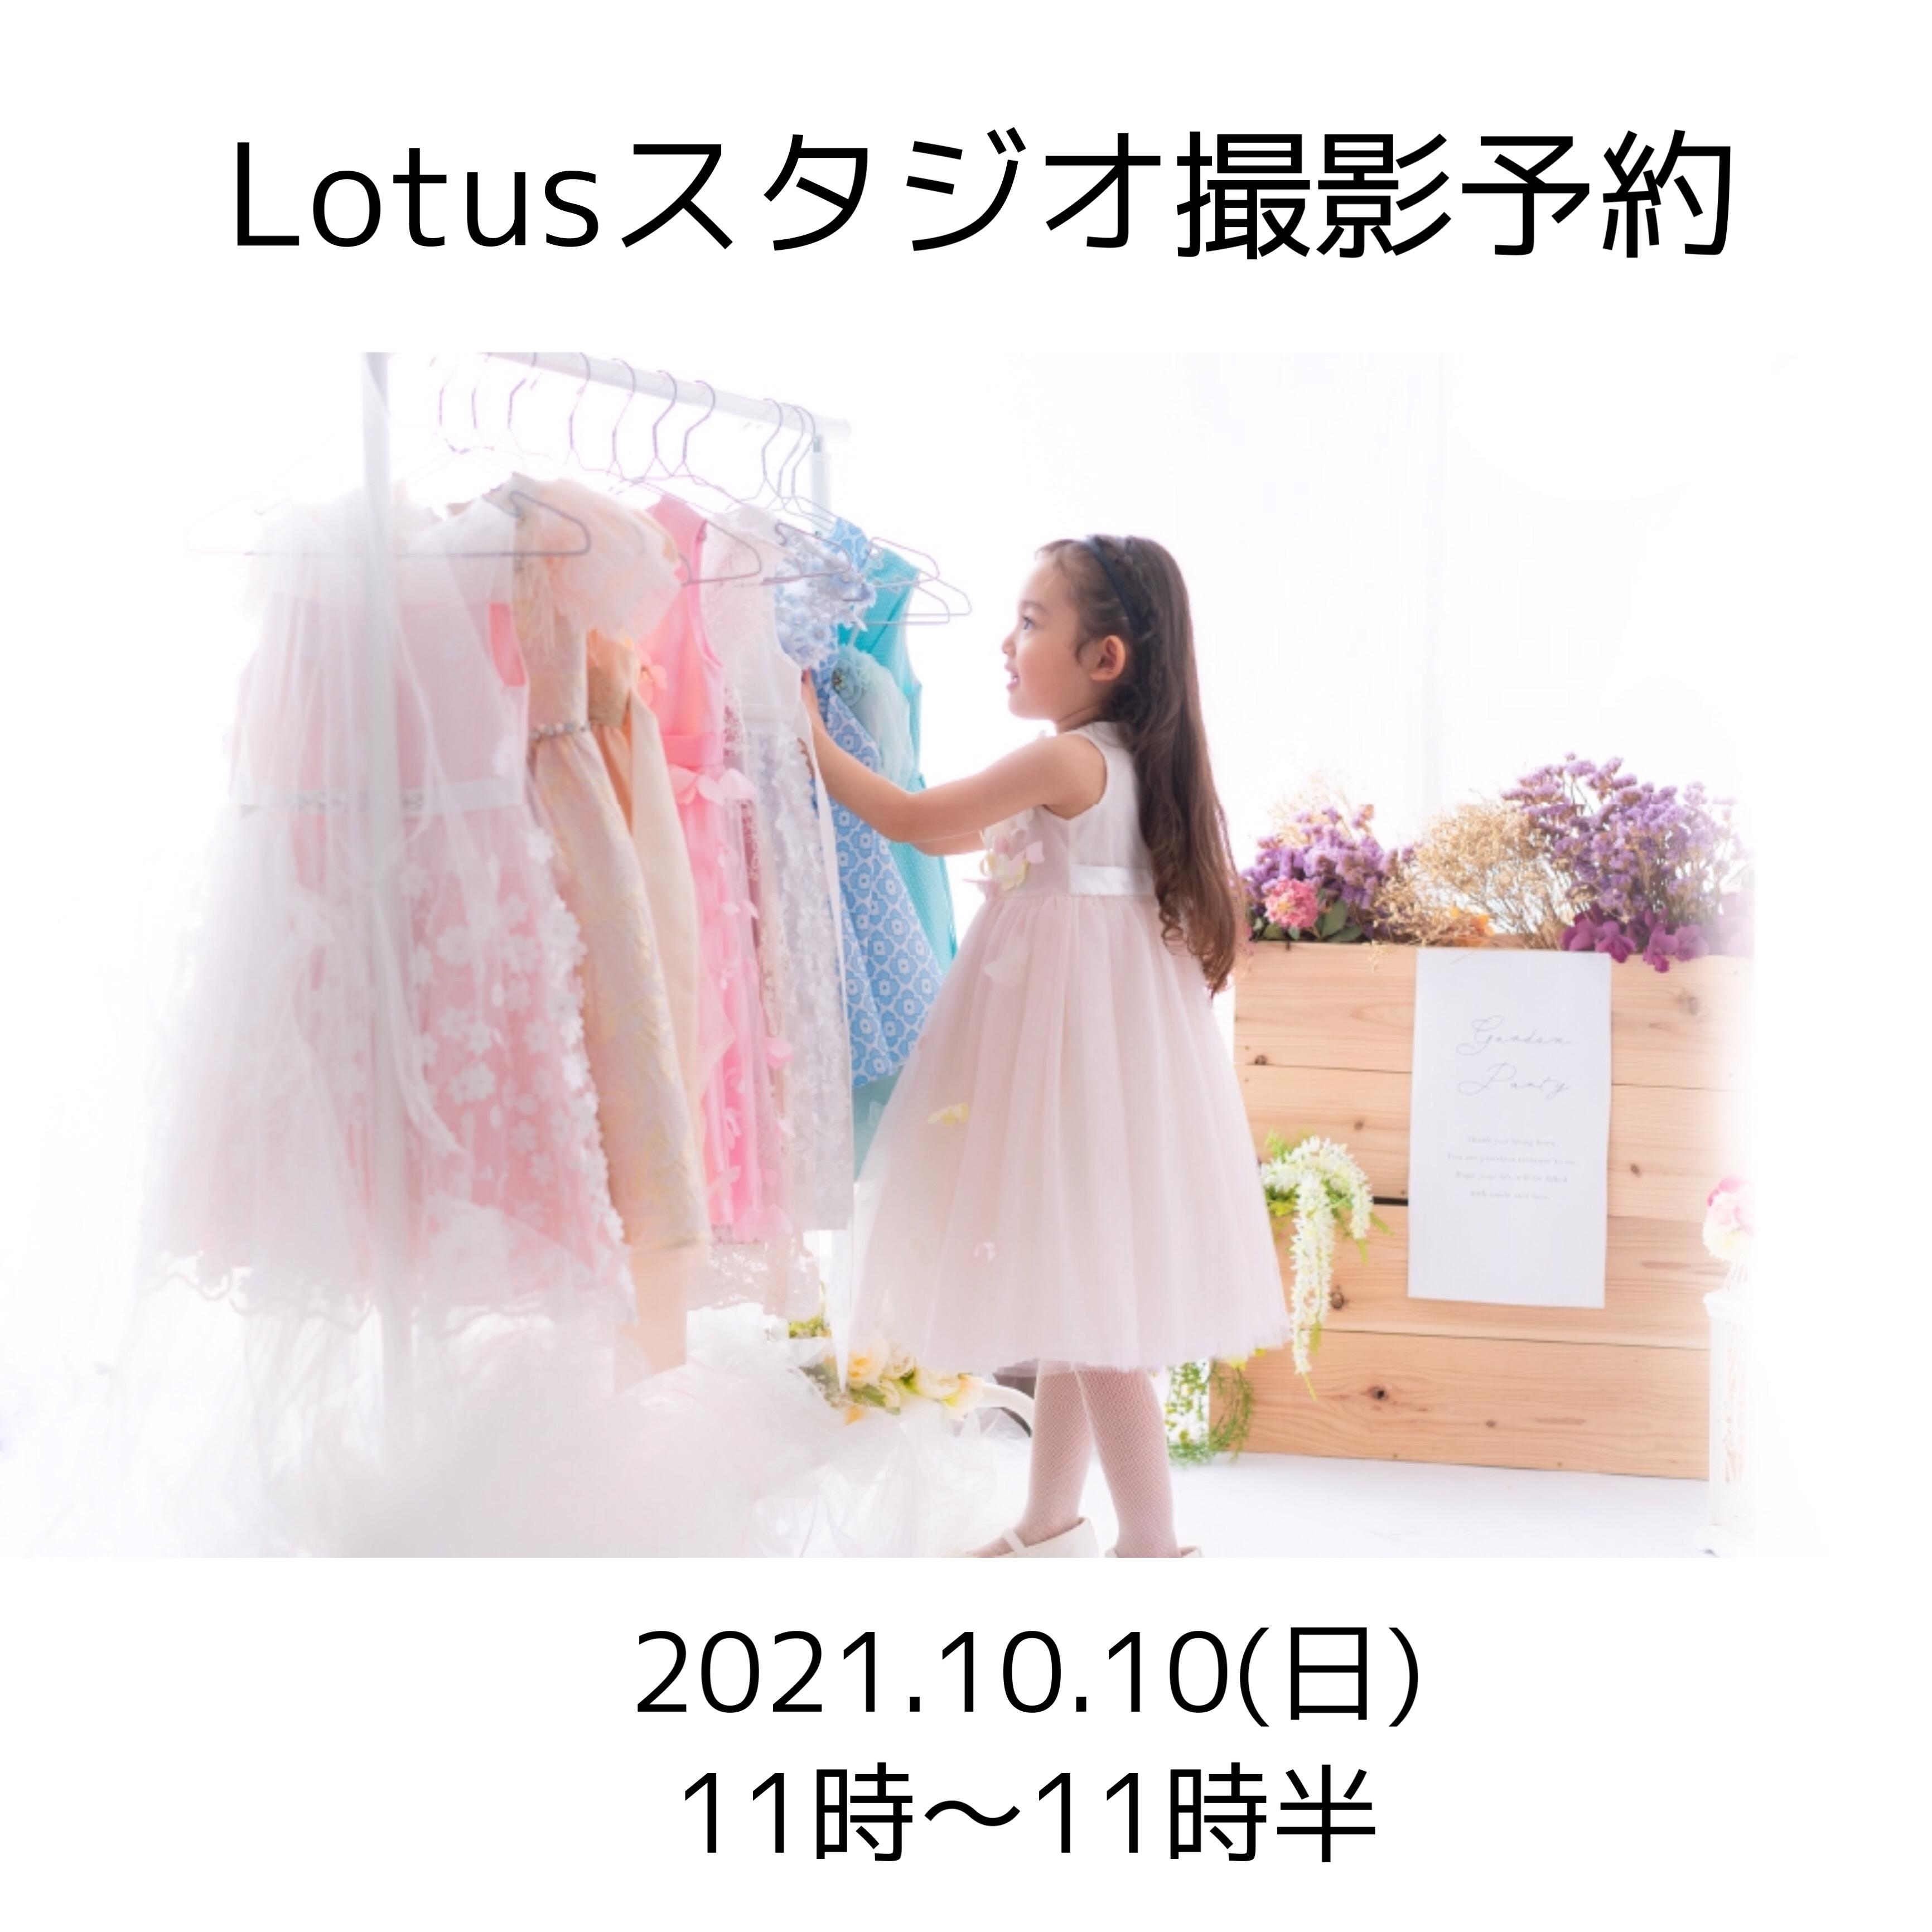 販売終了・スタジオLotus/GardenParty撮影プラン2021.10.10(日)11時~11時半